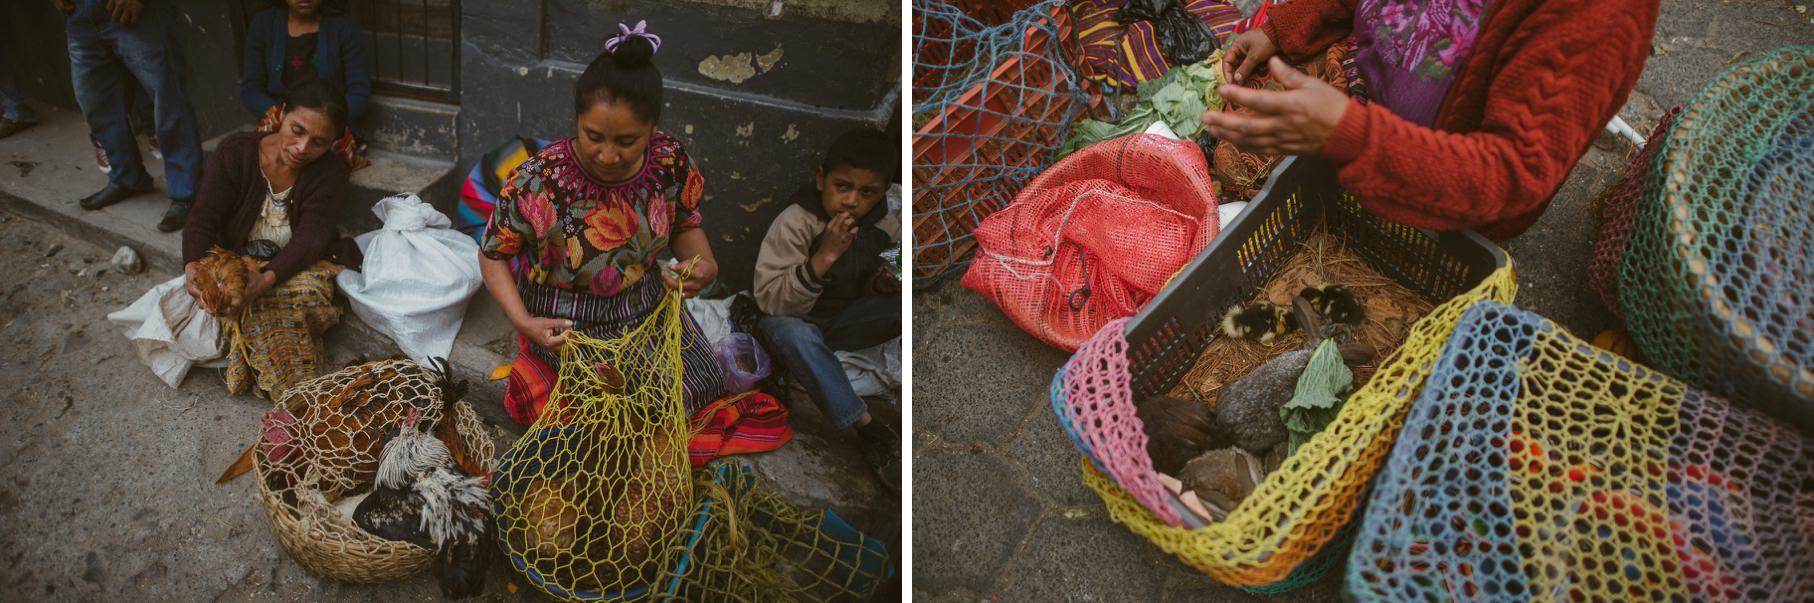 0130 anne und bjoern guatemala d75 2574 - 4 Wochen durch Guatemala - backpacking durch Mittelamerika